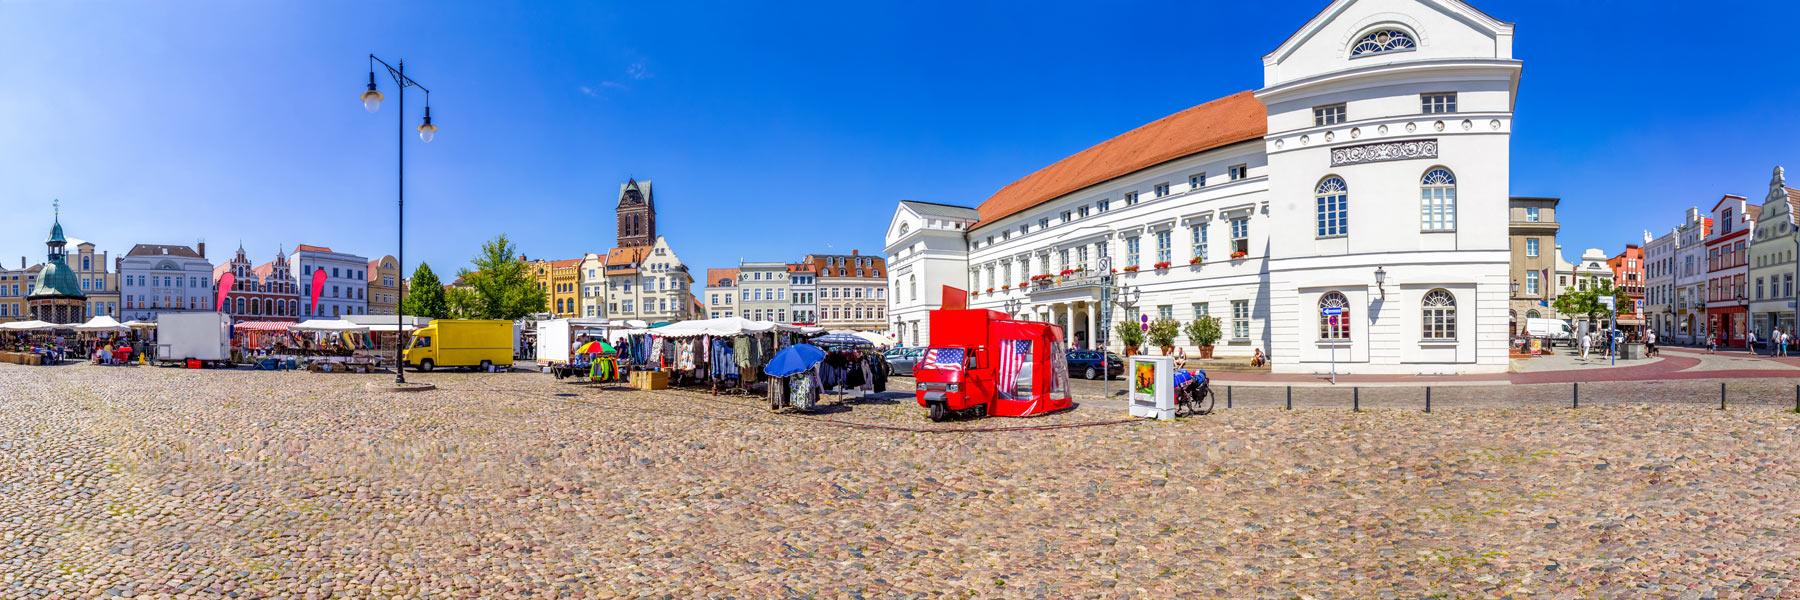 Marktplatz - Hansestadt Wismar